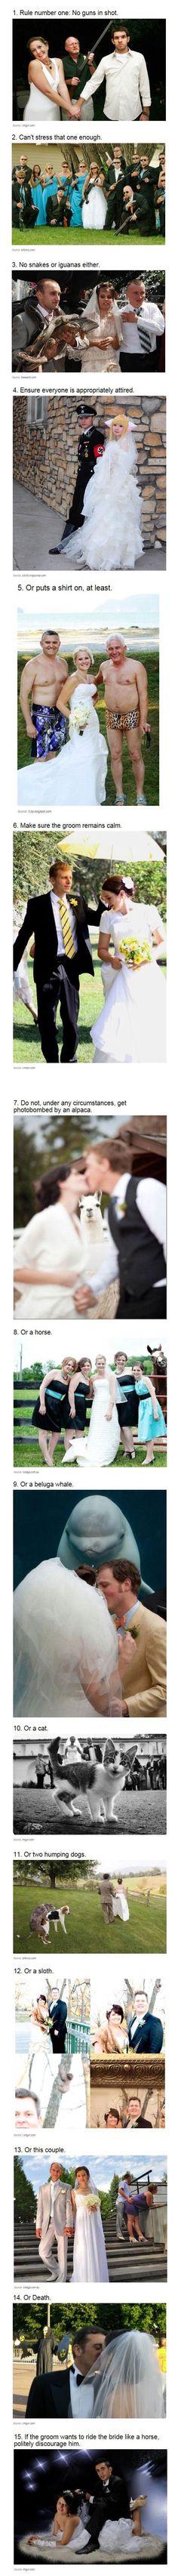 Ahh weddings xD